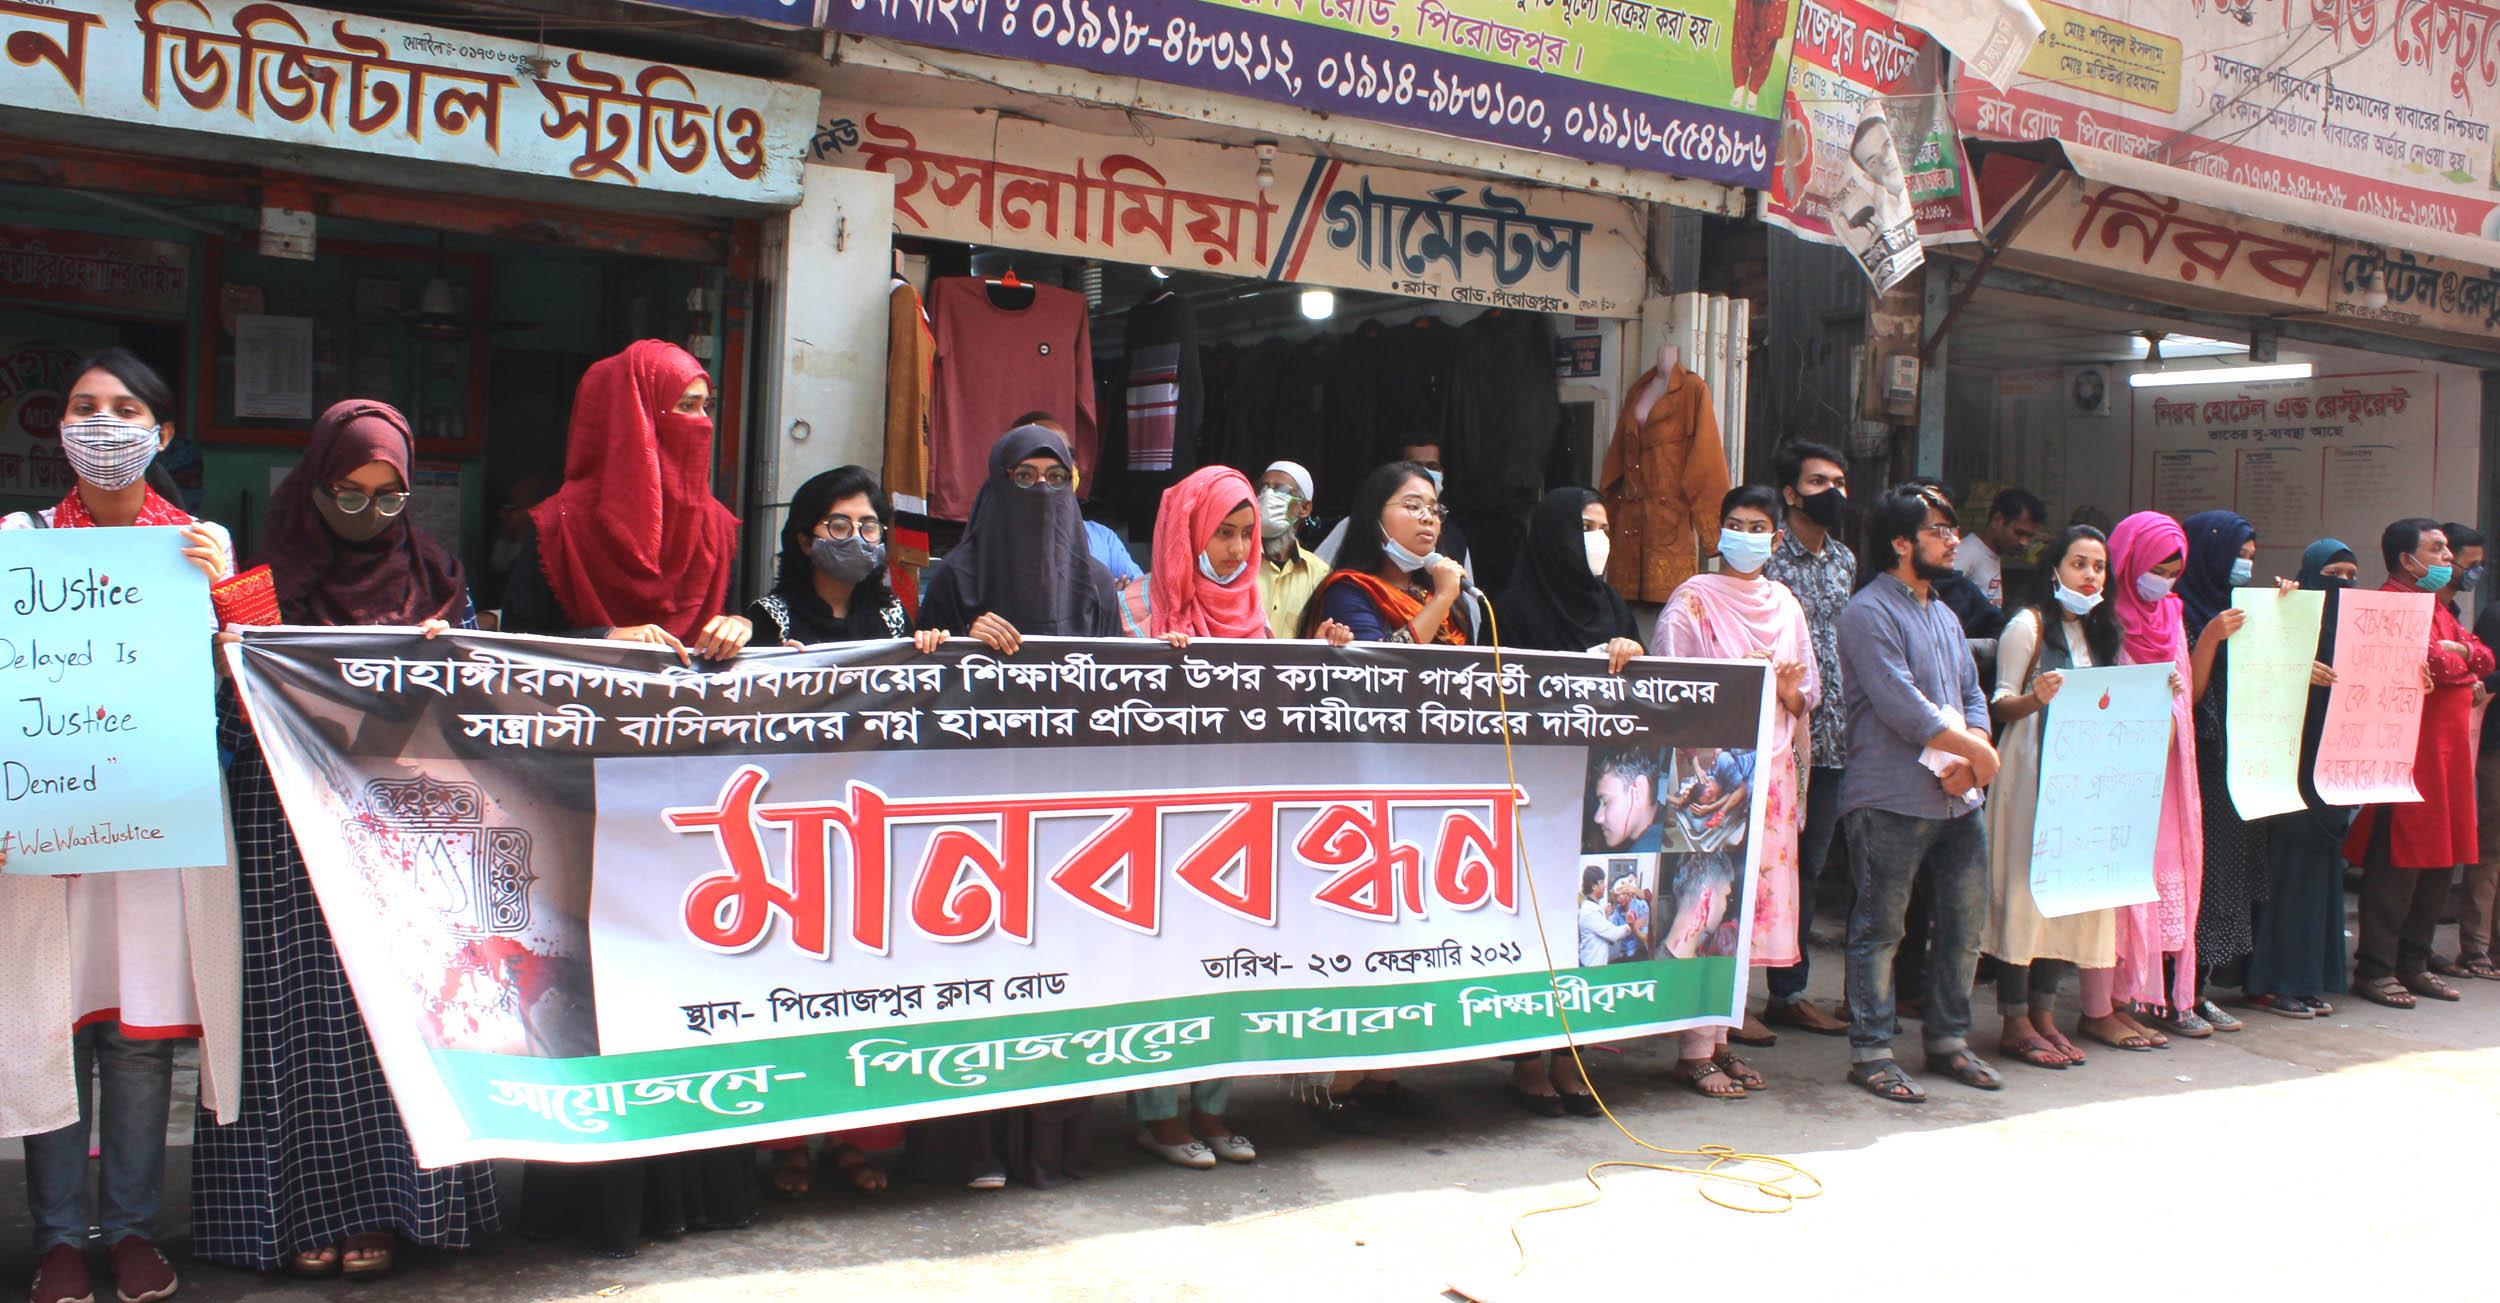 বিশ্ববিদ্যালয়ের শিক্ষার্থীদের উপর হামলার প্রতিবাদে পিরোজপুরে মানববন্ধন